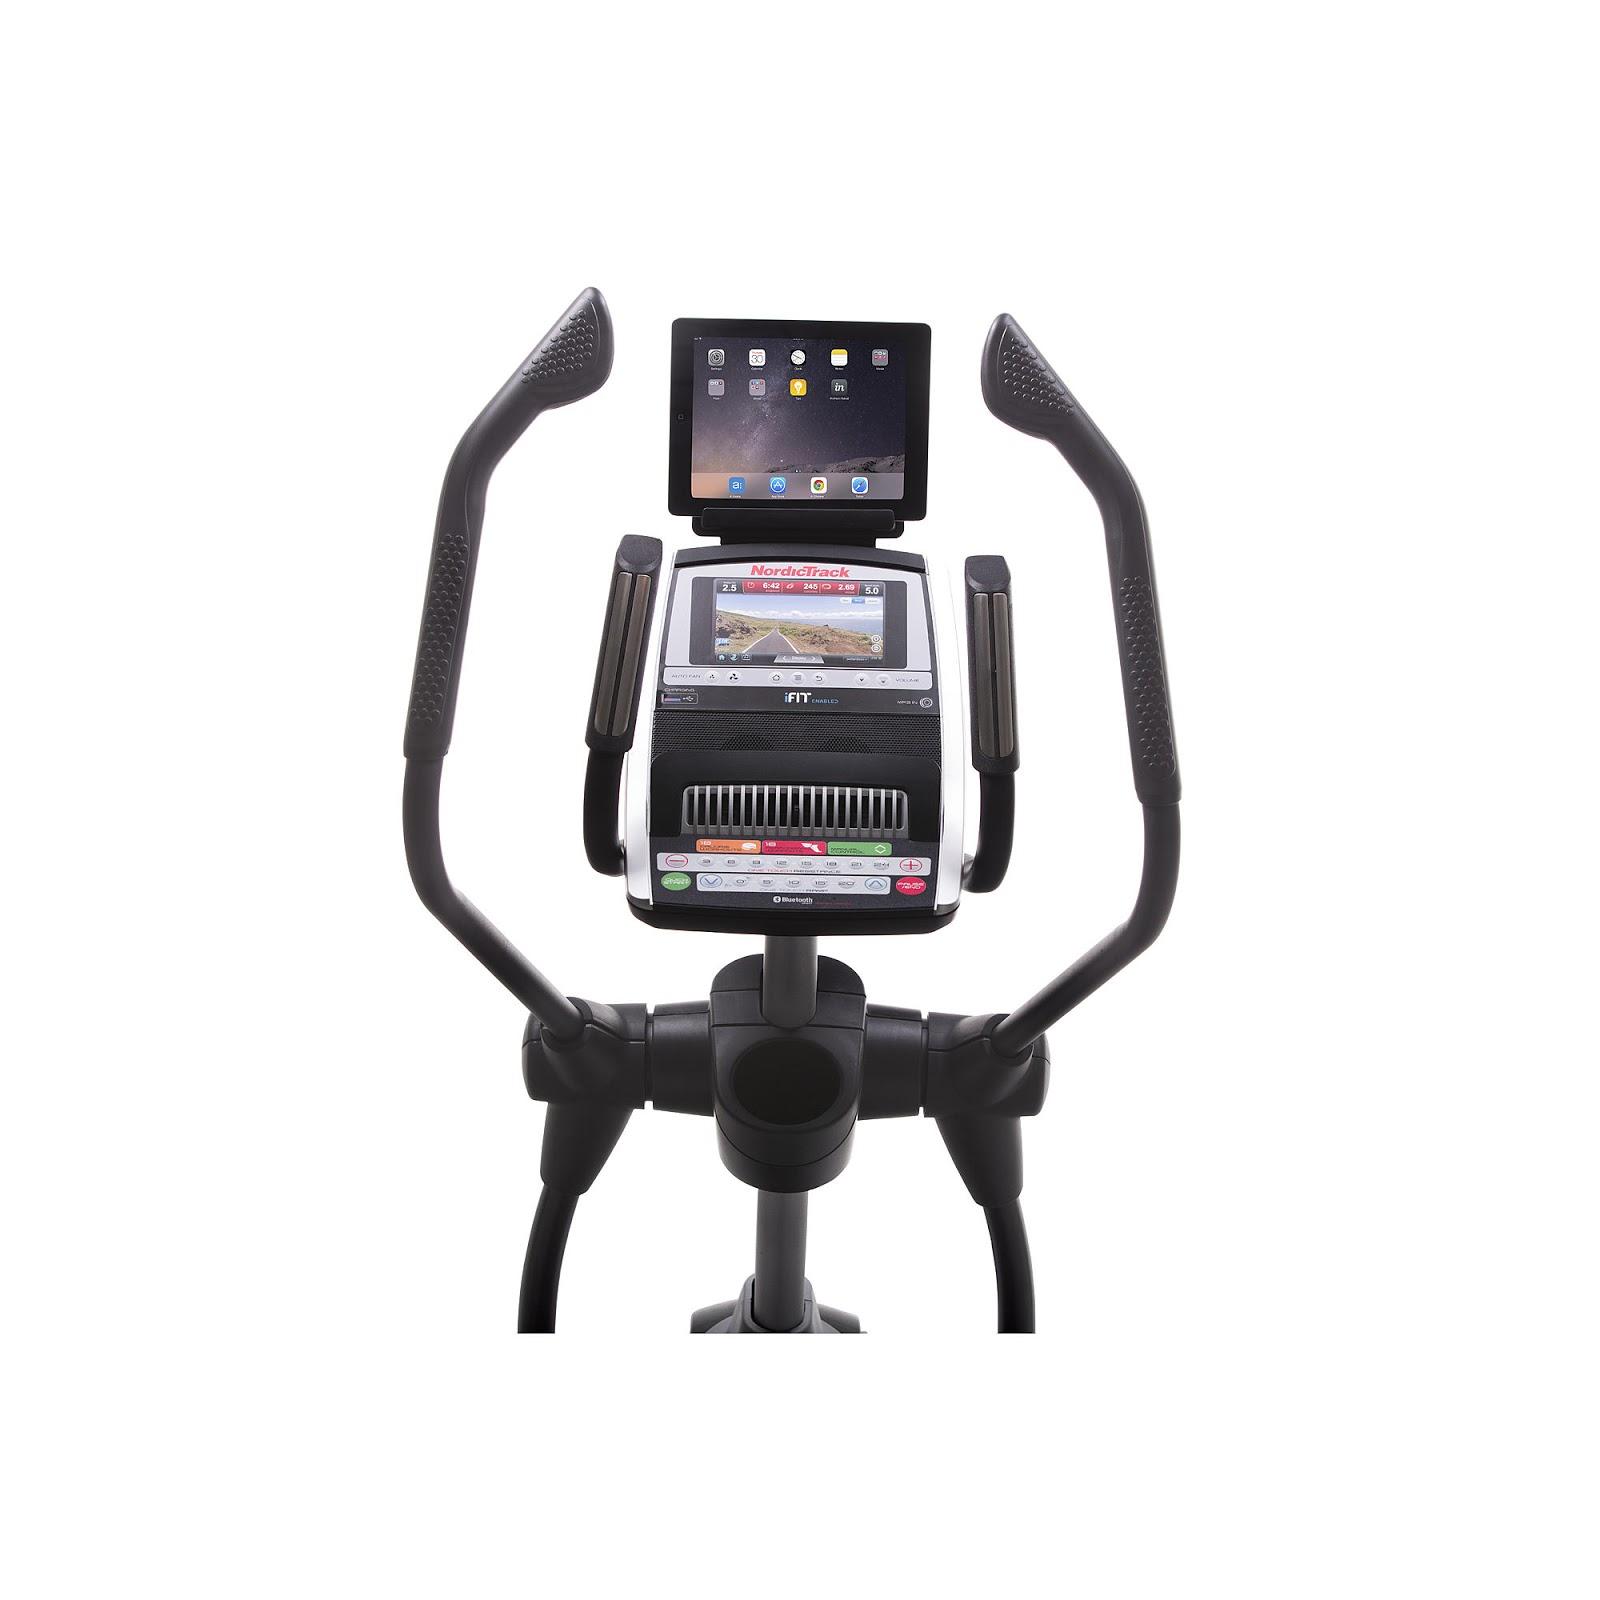 Health And Fitness Den: NordicTrack Elite 10.9 Elliptical